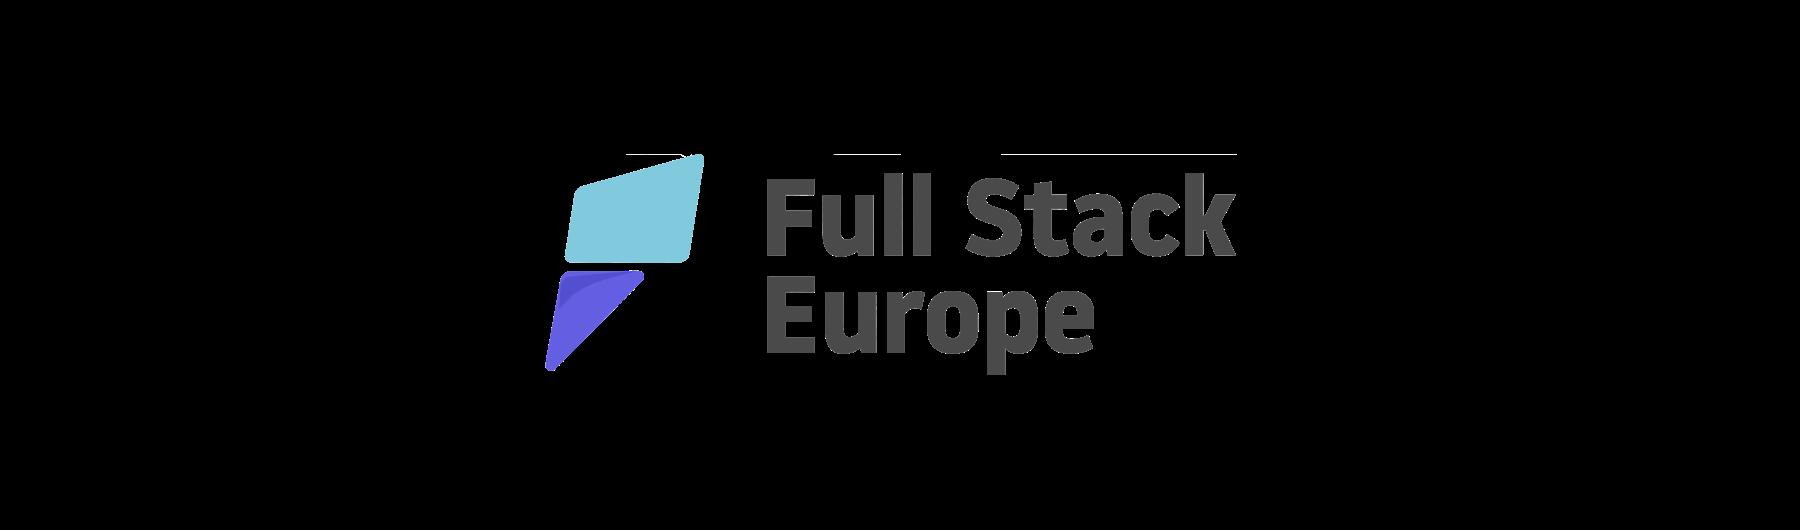 Full Stack Europe 2021